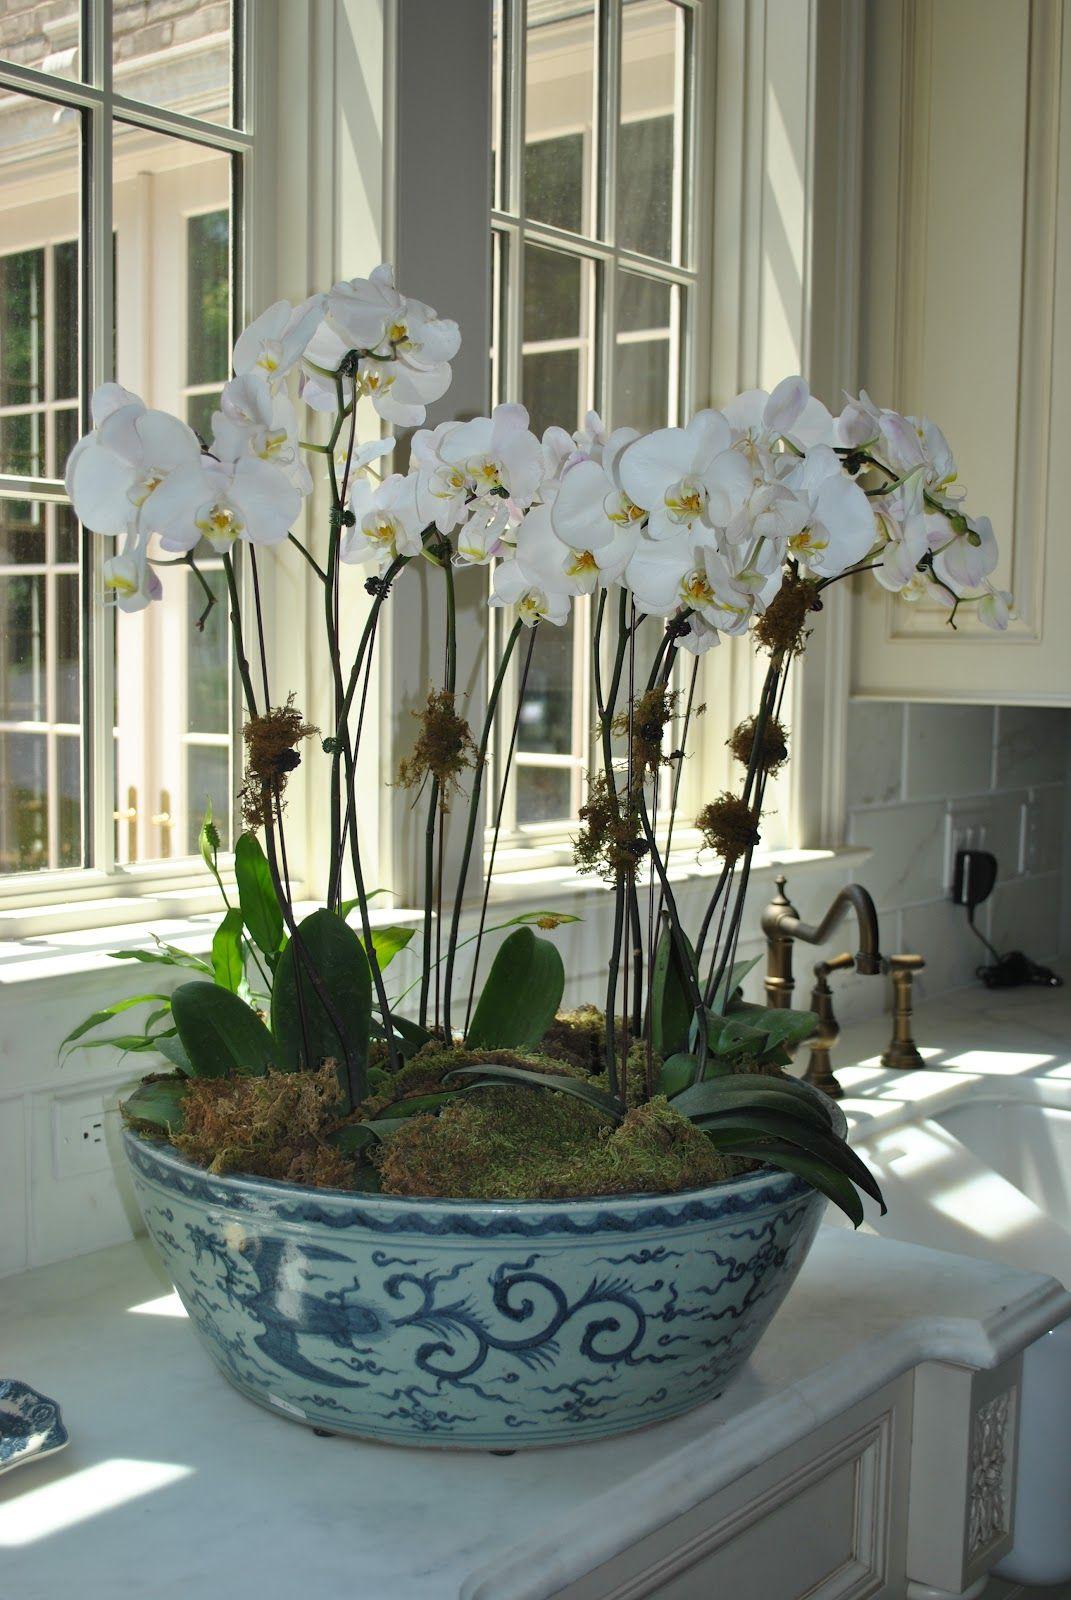 Dónde Cultivar Las Orquídeas Macetas Para Orquideas 640 x 480